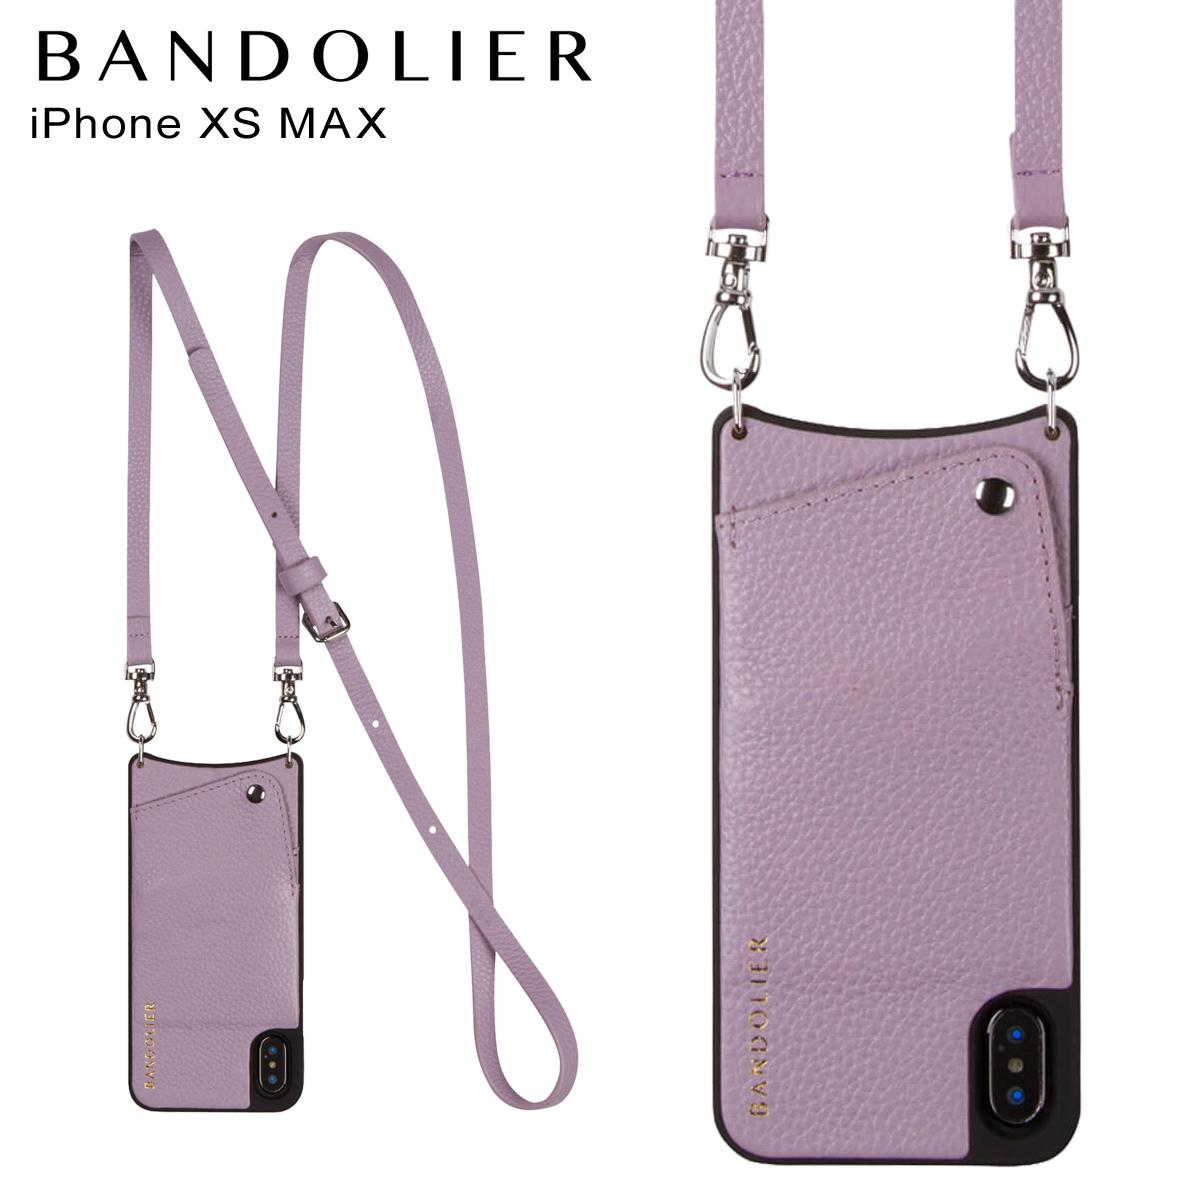 バンドリヤー BANDOLIER iPhone XS MAX ケース ショルダー スマホ アイフォン レザー EMMA LILAC メンズ レディース ライラック 10EMM1001 [予約商品 4月下旬頃入荷予定 再入荷]